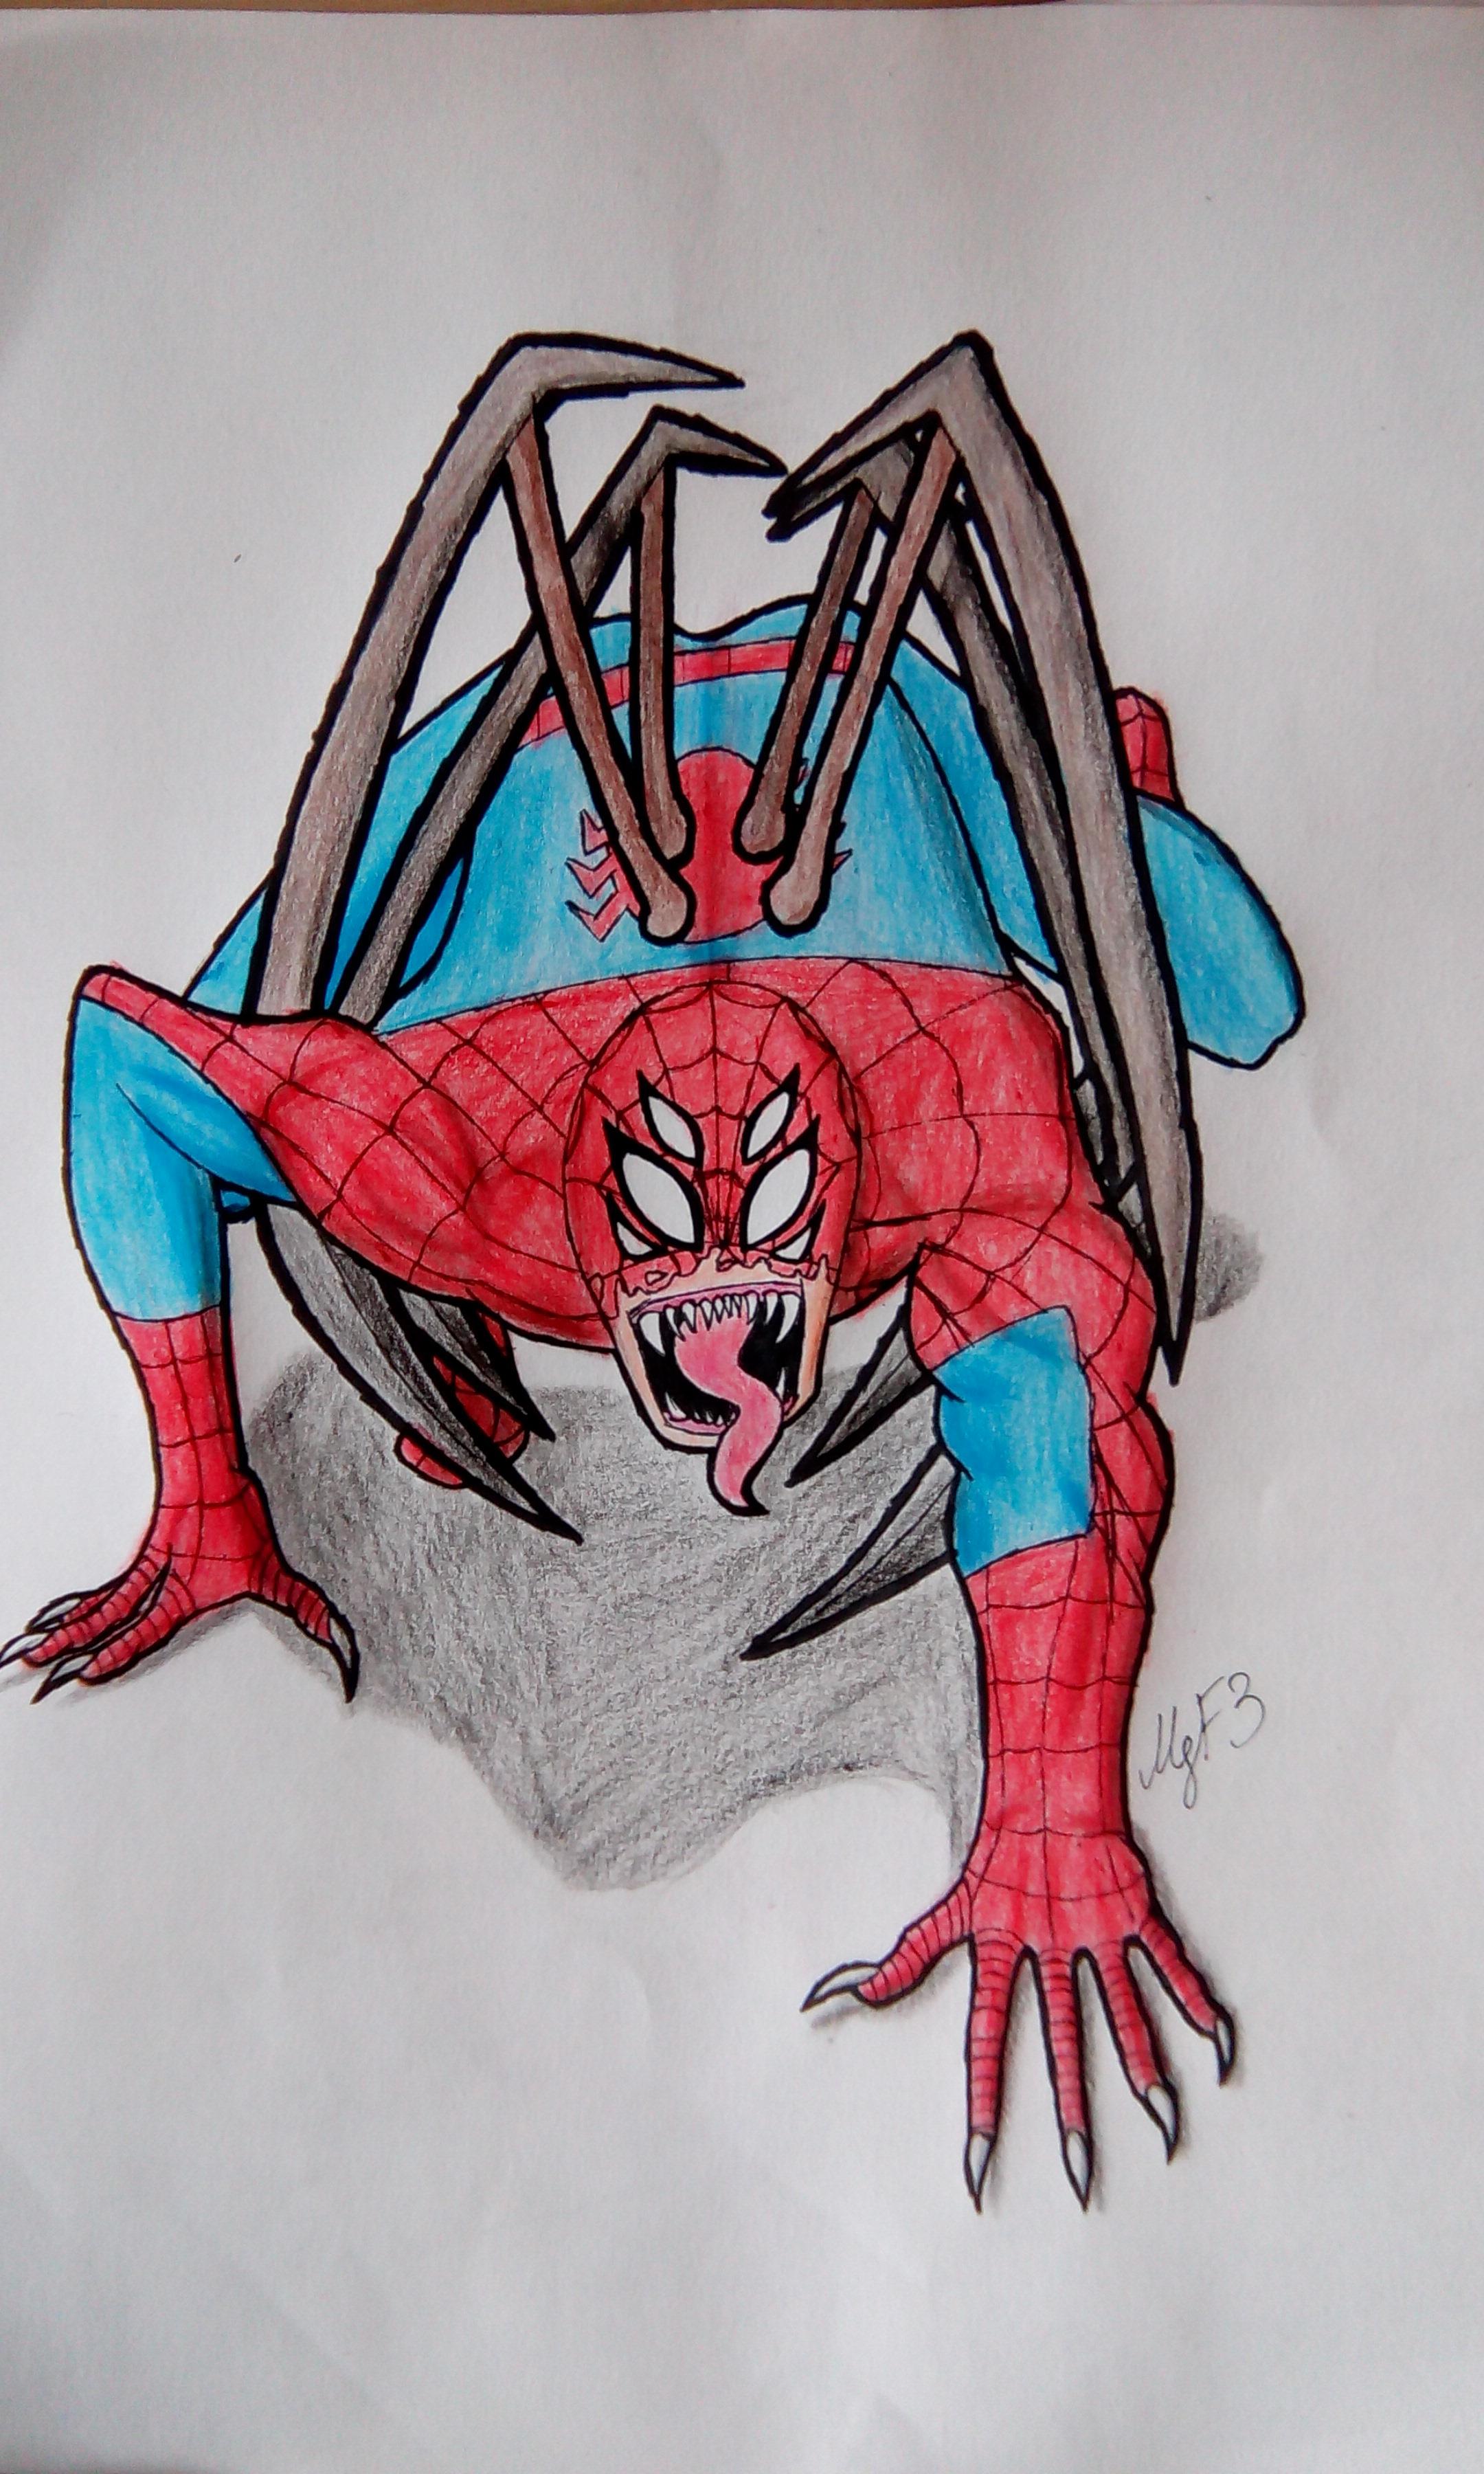 Spiderman level 99